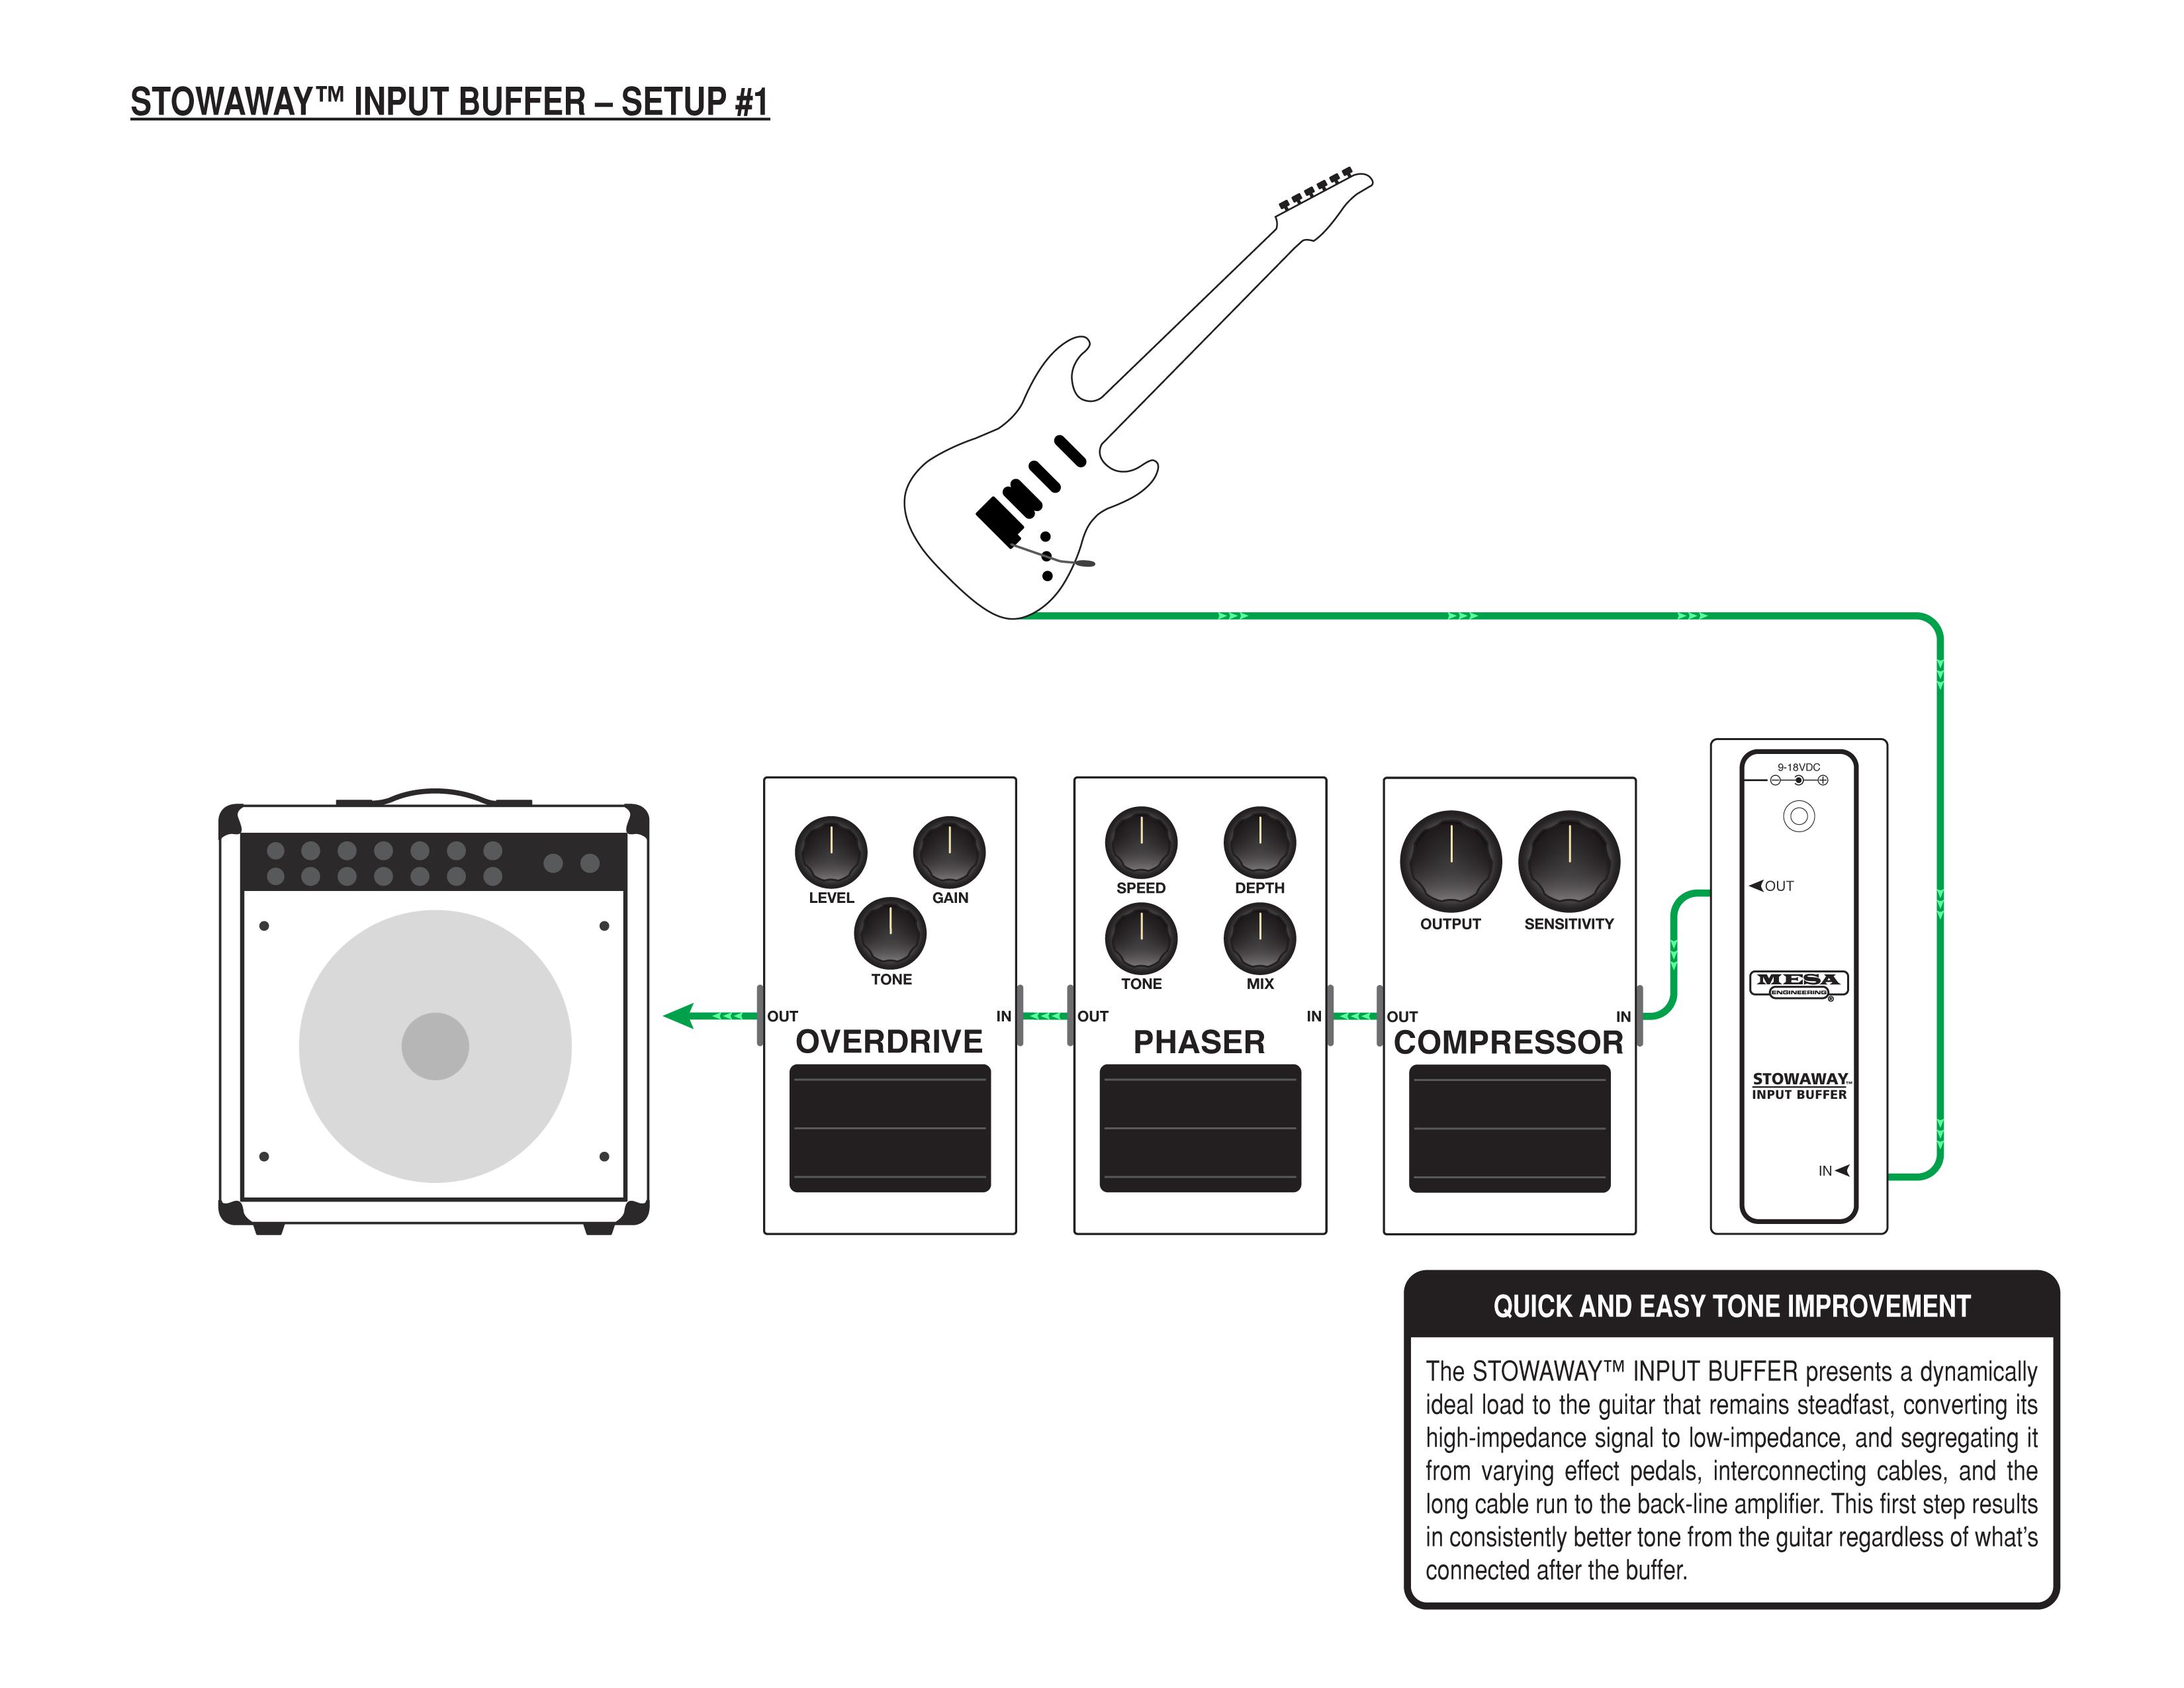 mesa boogie stowaway buffer mesa boogie rh mesaboogie com Circuit Impedance Formula Impedance Matching Circuit